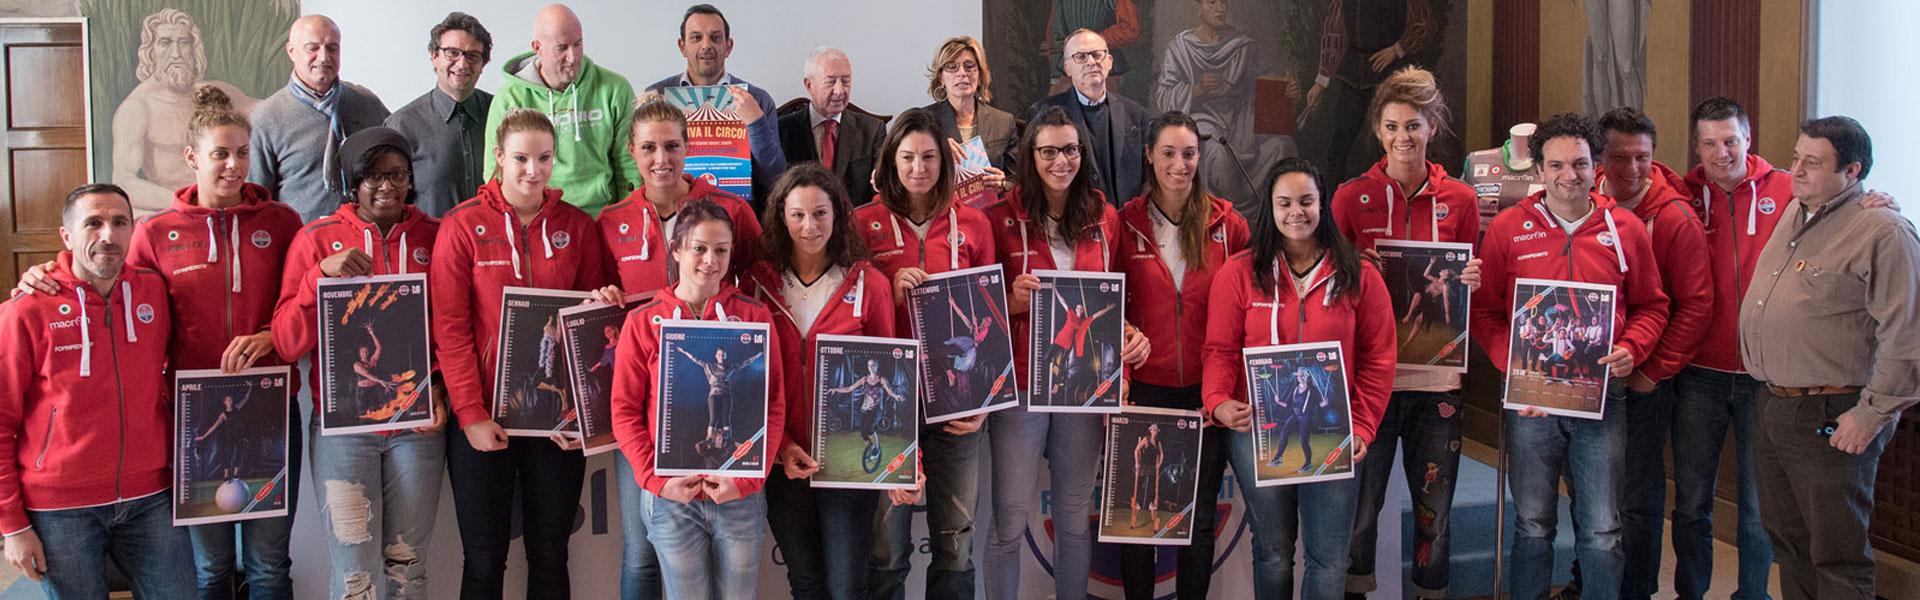 Arriva il Circo: il calendario solidale di Foppapedretti Volley Bergamo per La Passione di Yara